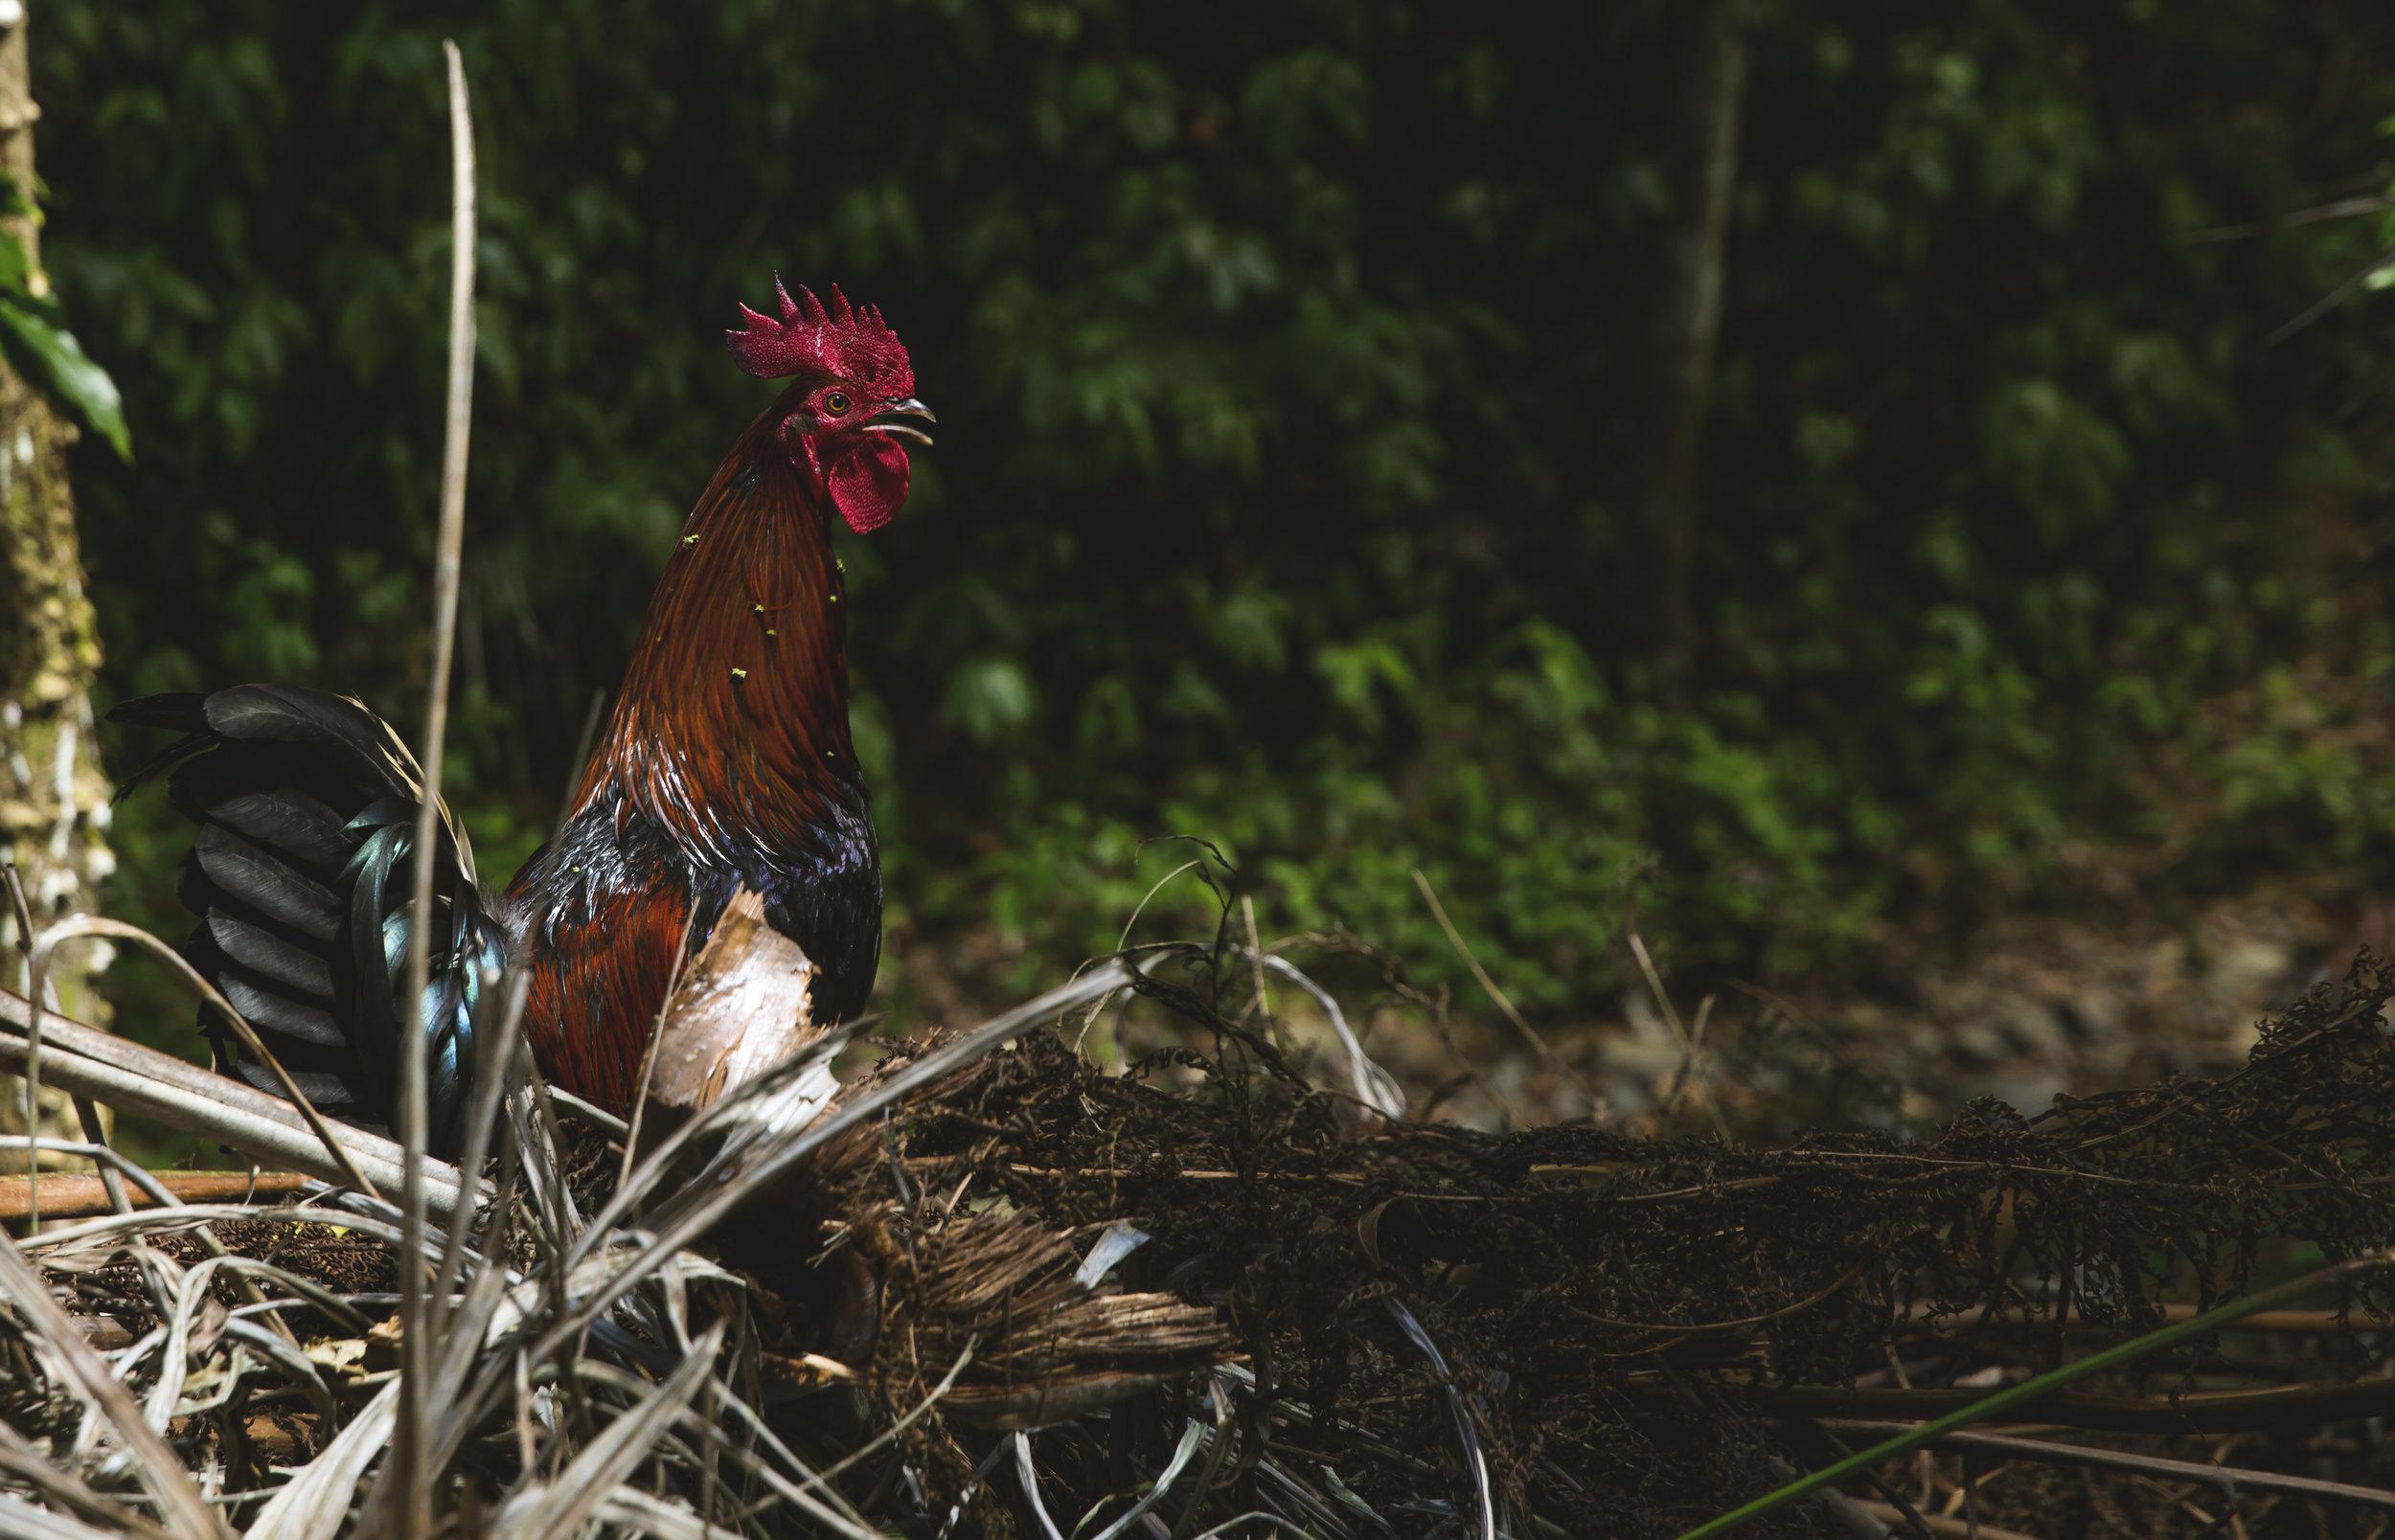 Rooster_Lares_01_CROP.jpg